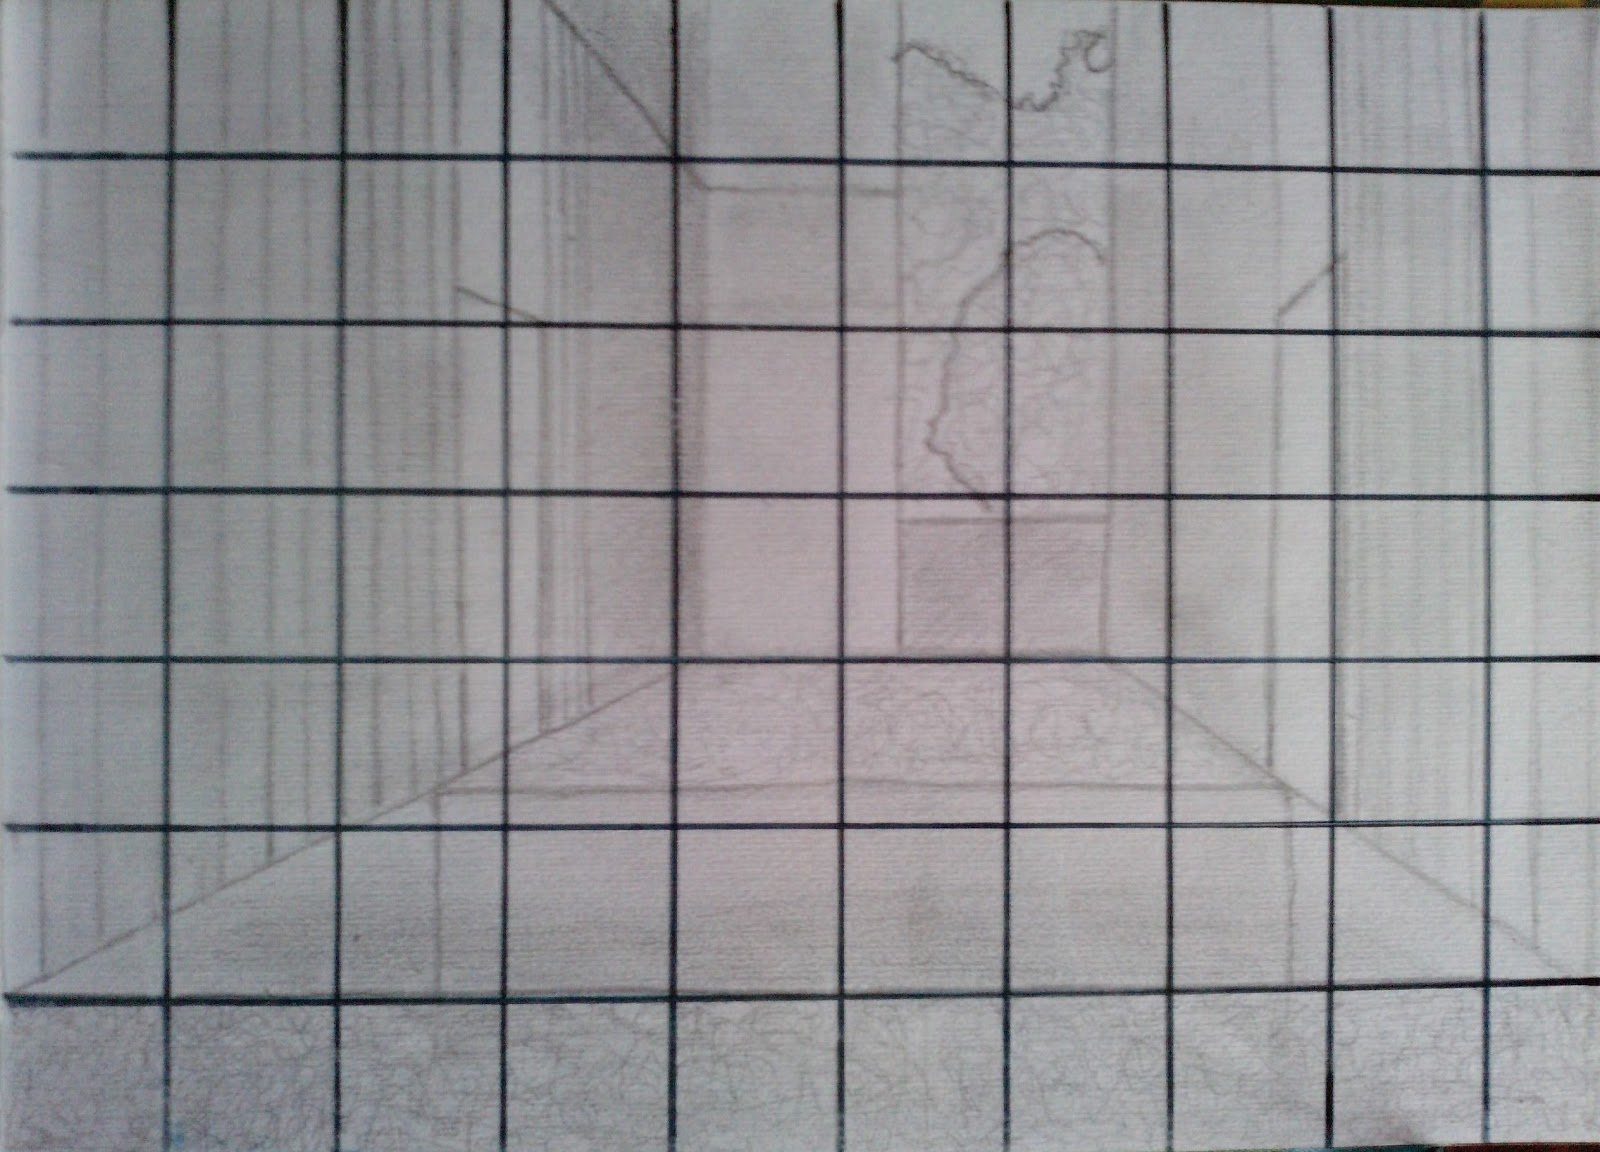 RICH ART: Dibujo con acetato